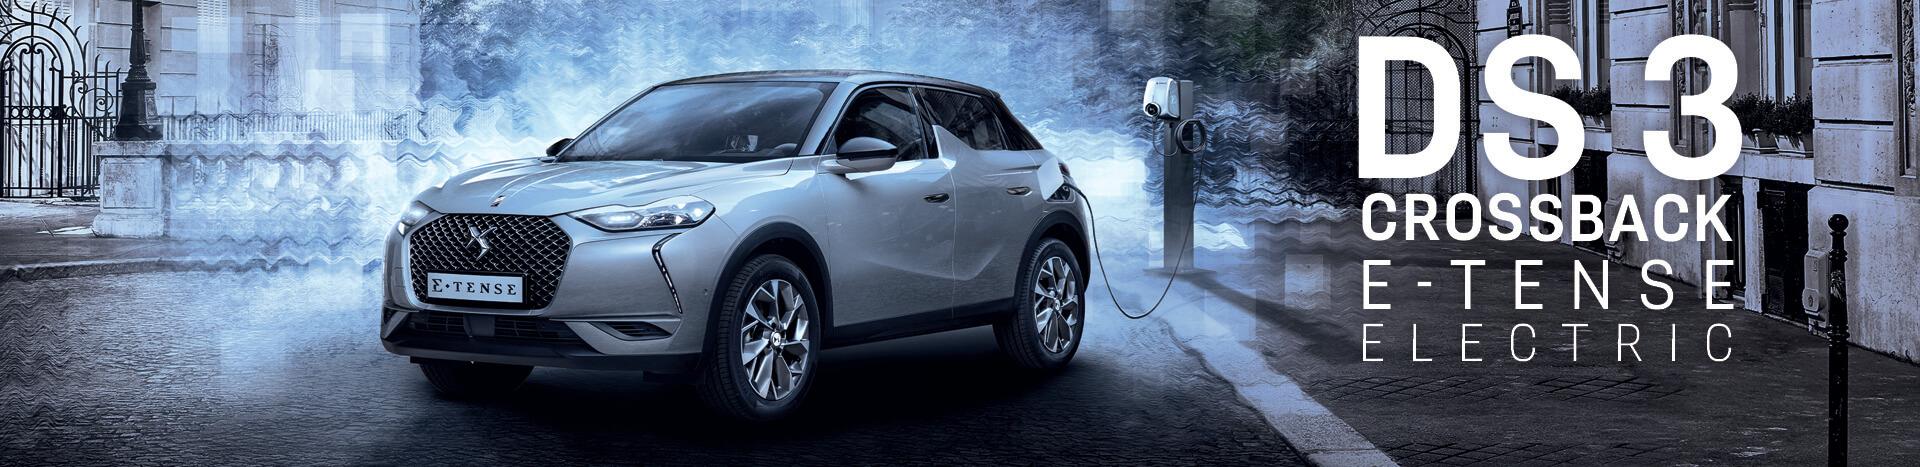 Aankoopsubsidie elektrische auto